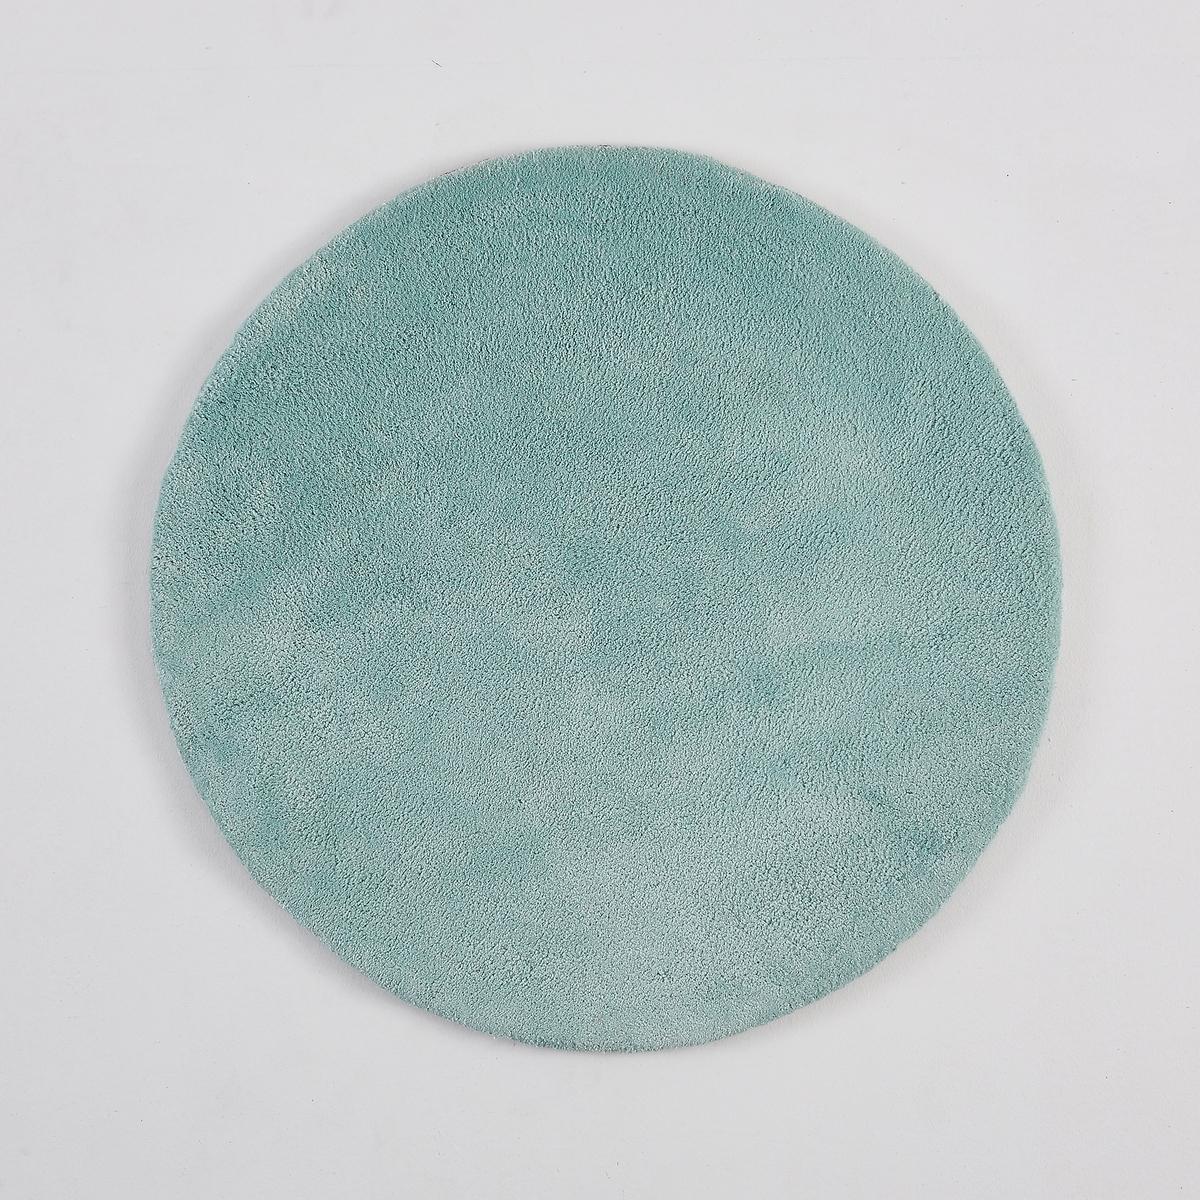 Ковер круглый из хлопковой ткани, Renzo, маленький размер